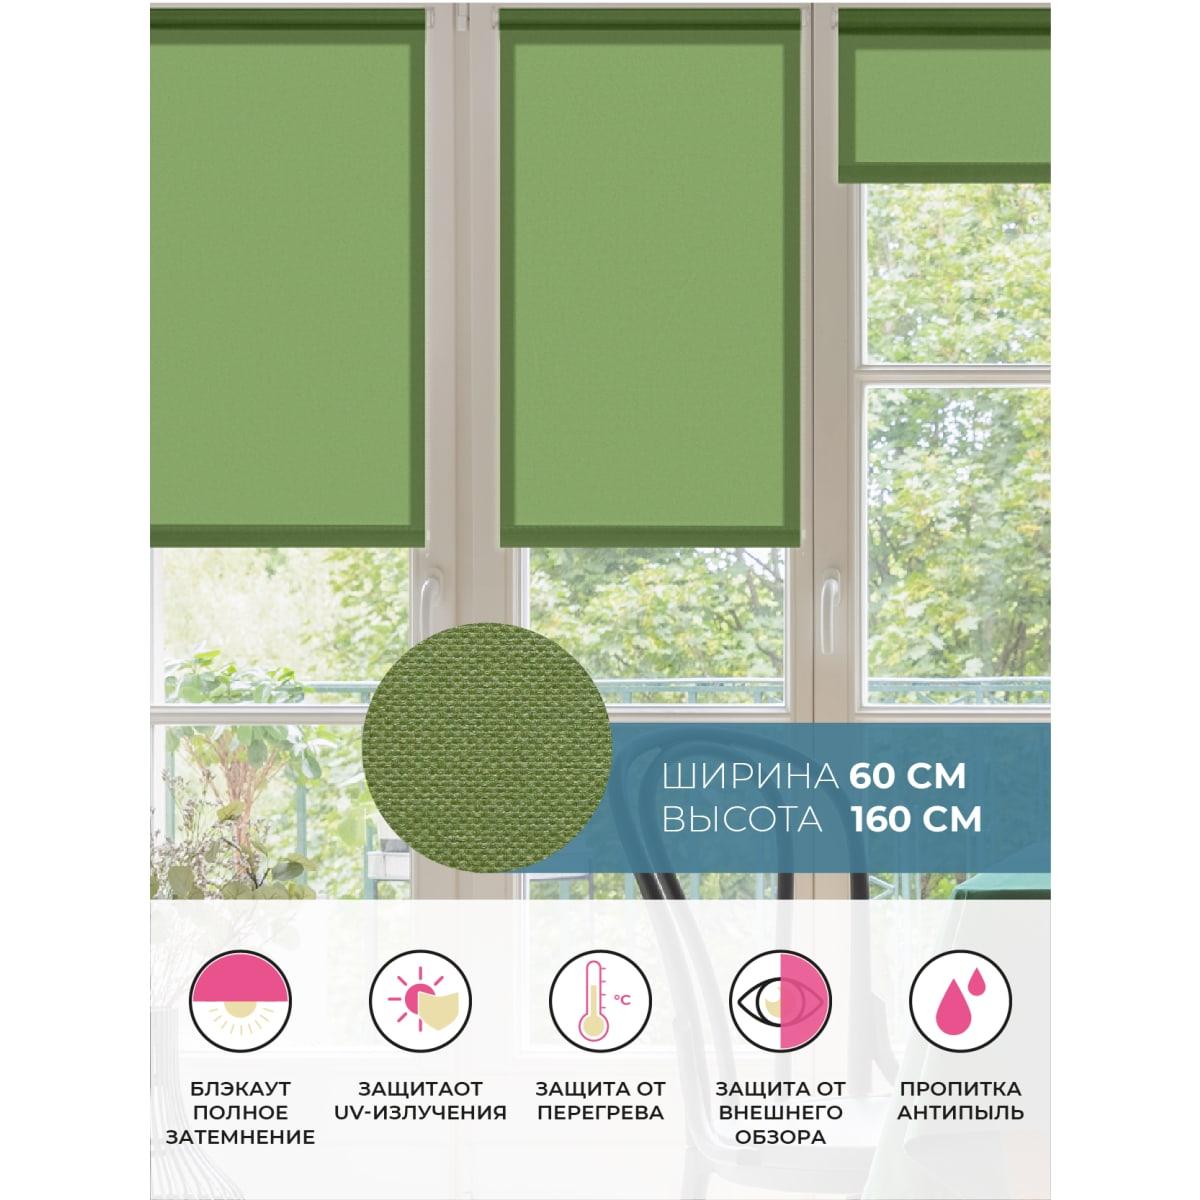 Рулонная штора Decofest Блэкаут Плайн 60х160 см, цвет зеленый